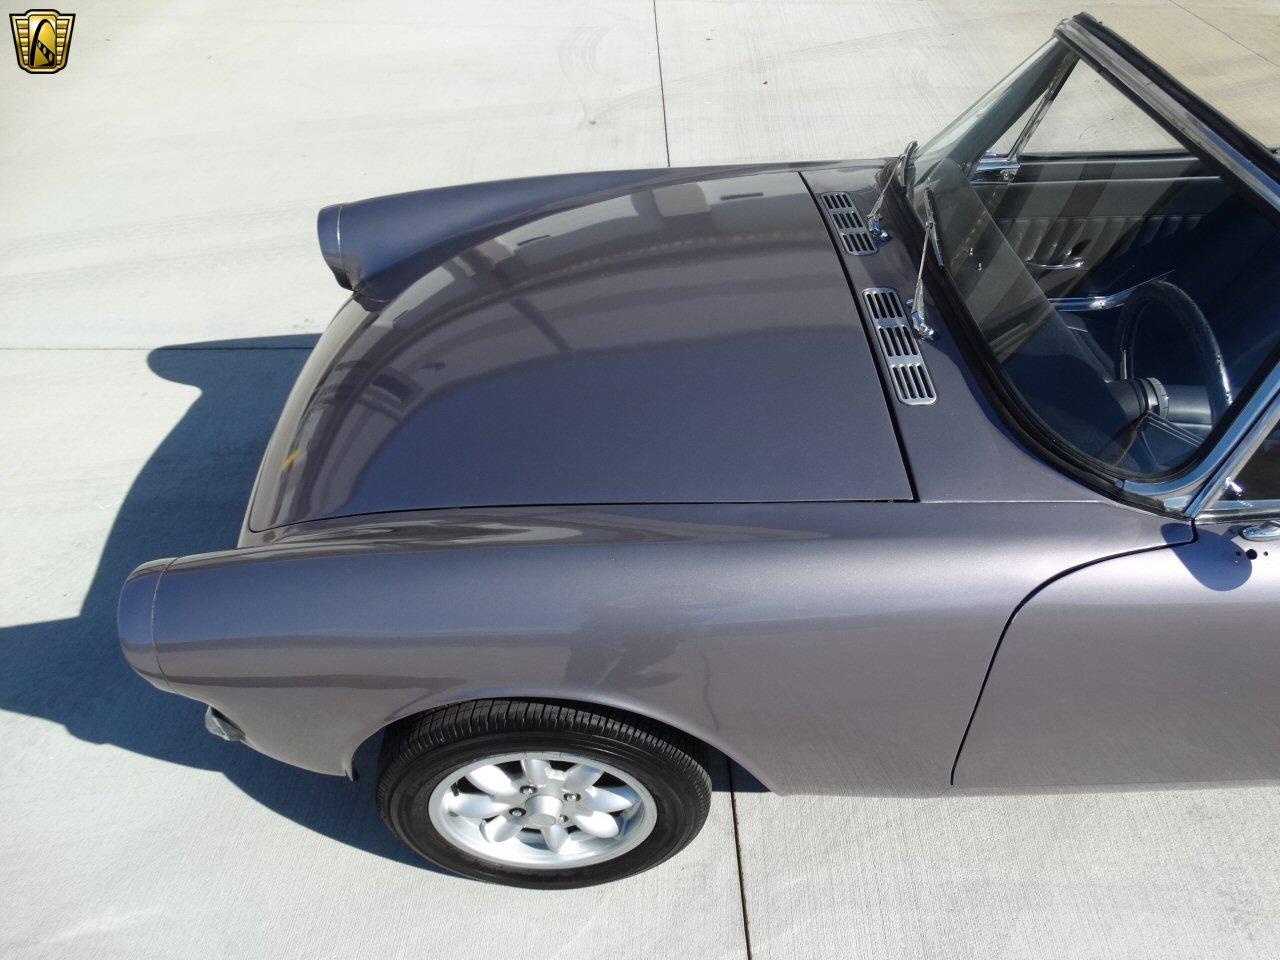 1965 Sunbeam Tiger 7